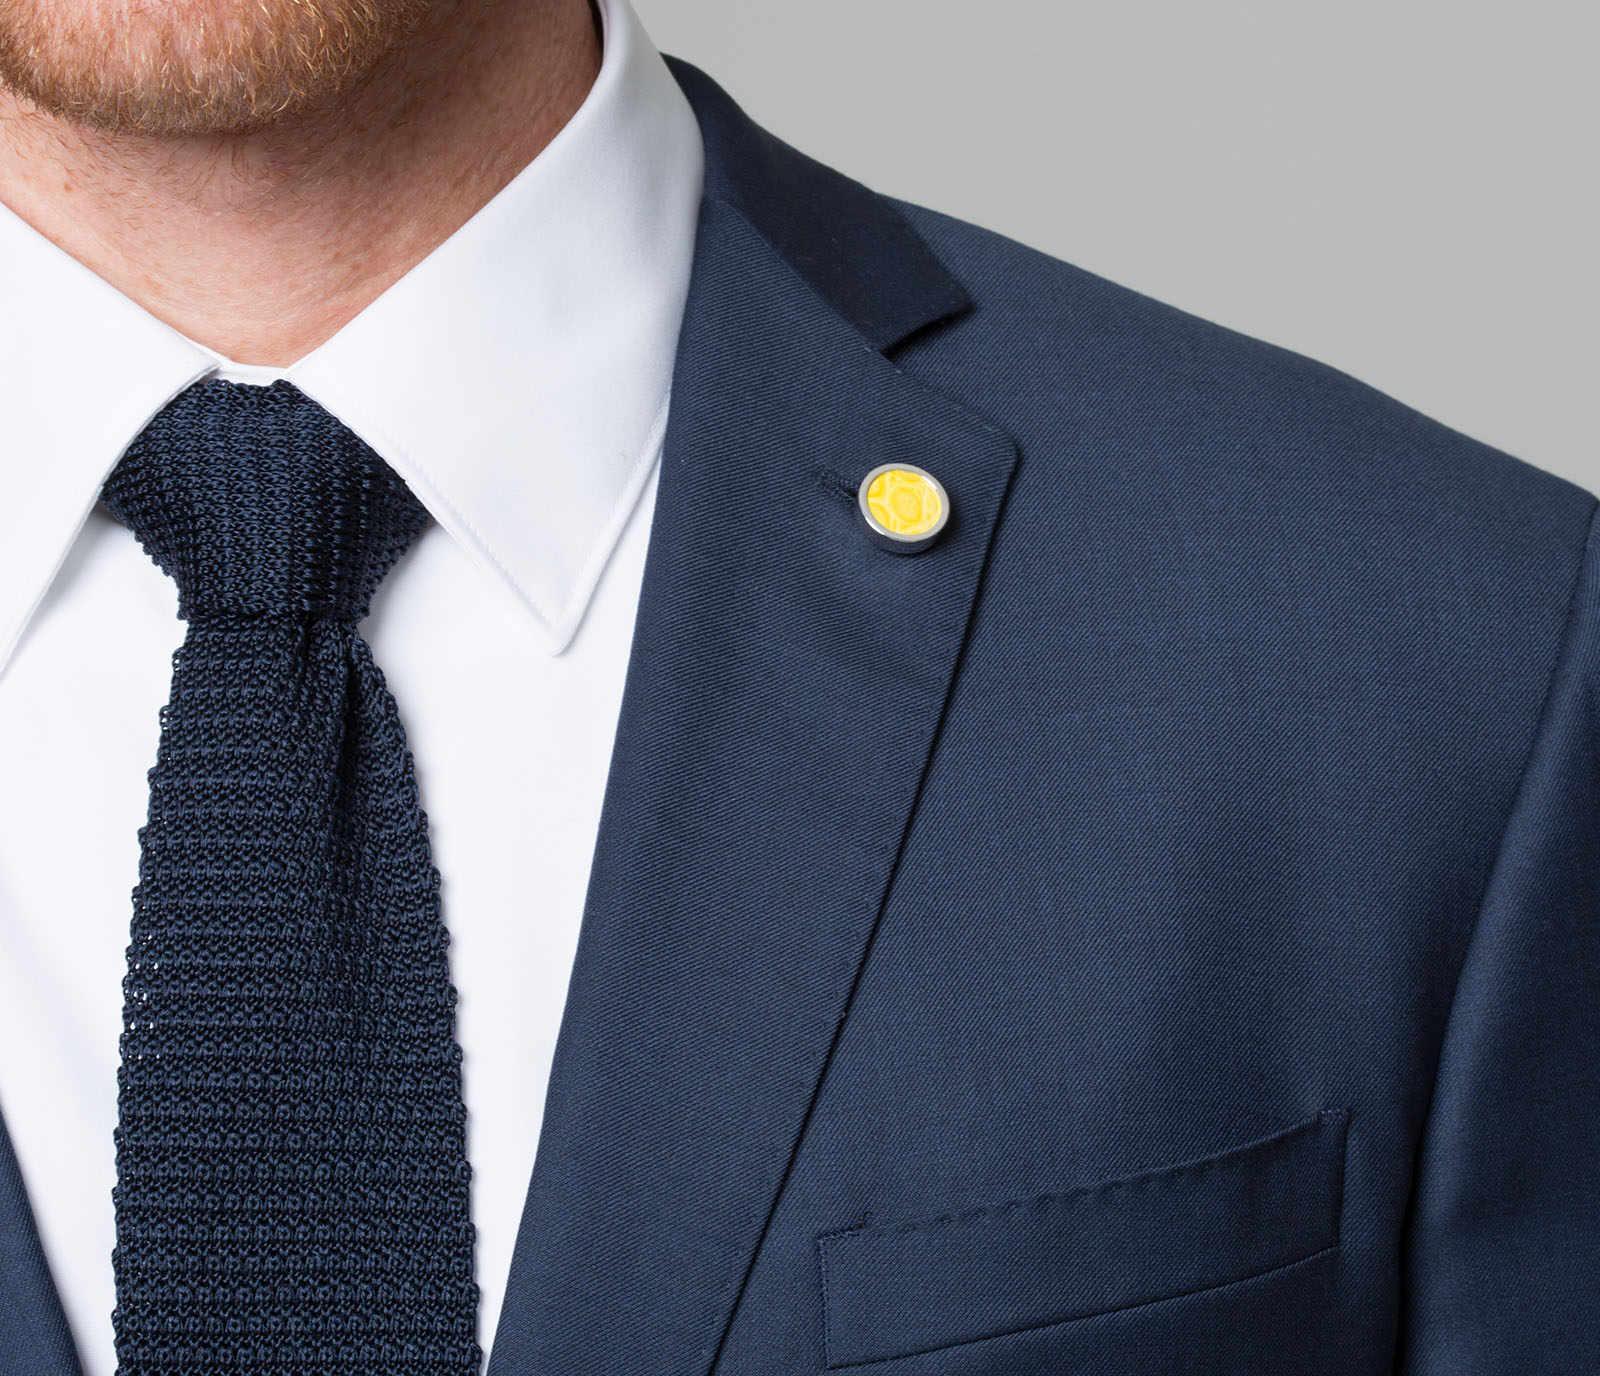 2017 Desain Baru Vintage Bunga Kupu-kupu Perak Perhiasan Fashion Mandala Stainless Steel Kerah Pin untuk Pria Kerah Pin Kemeja